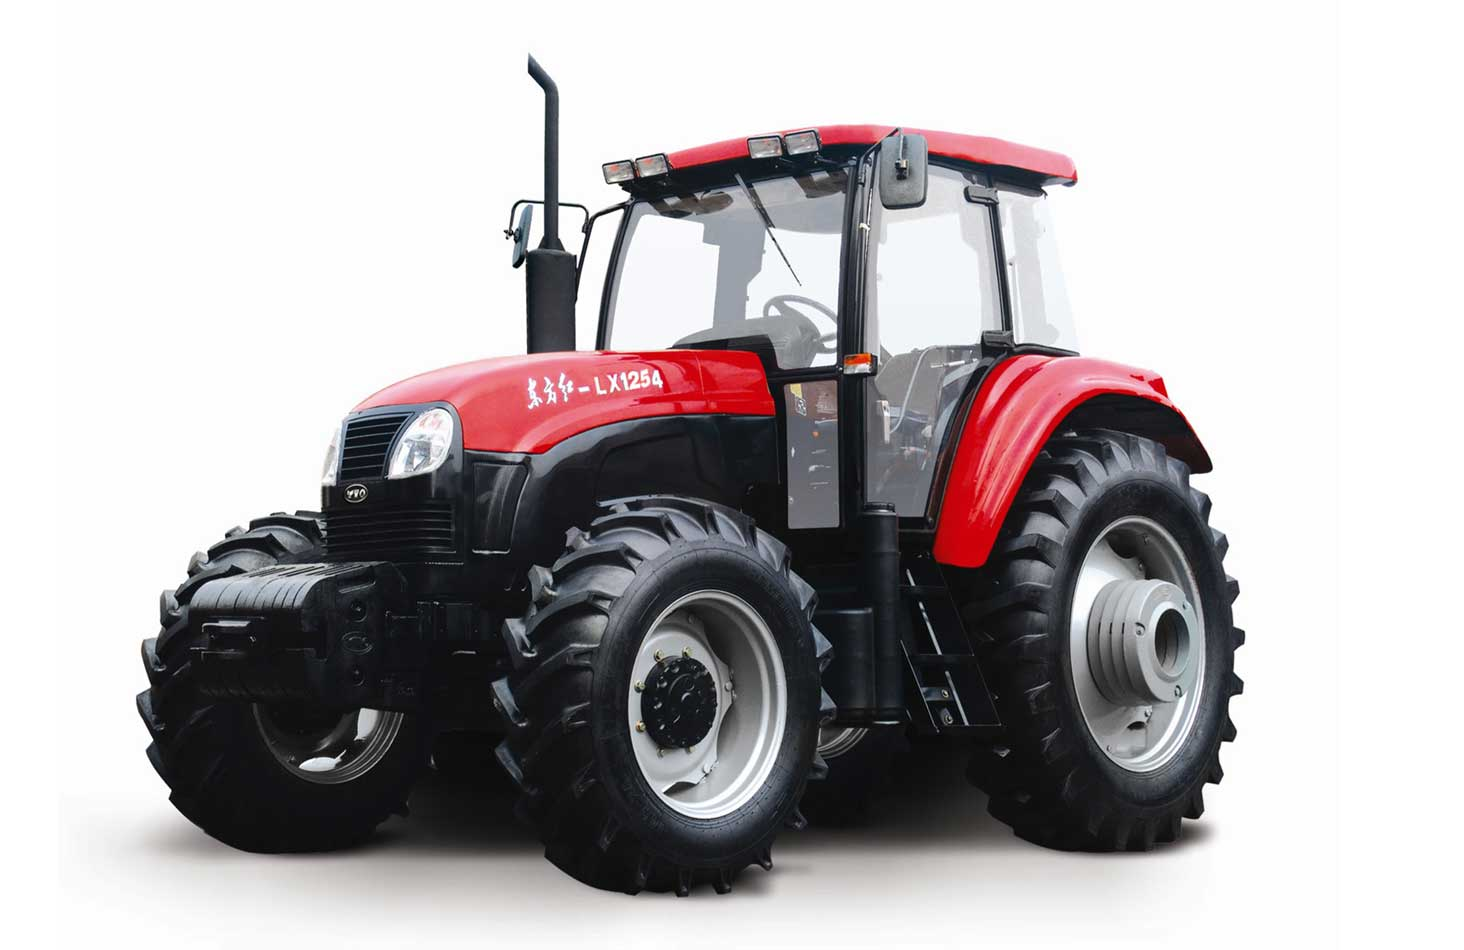 Трактор LX1254